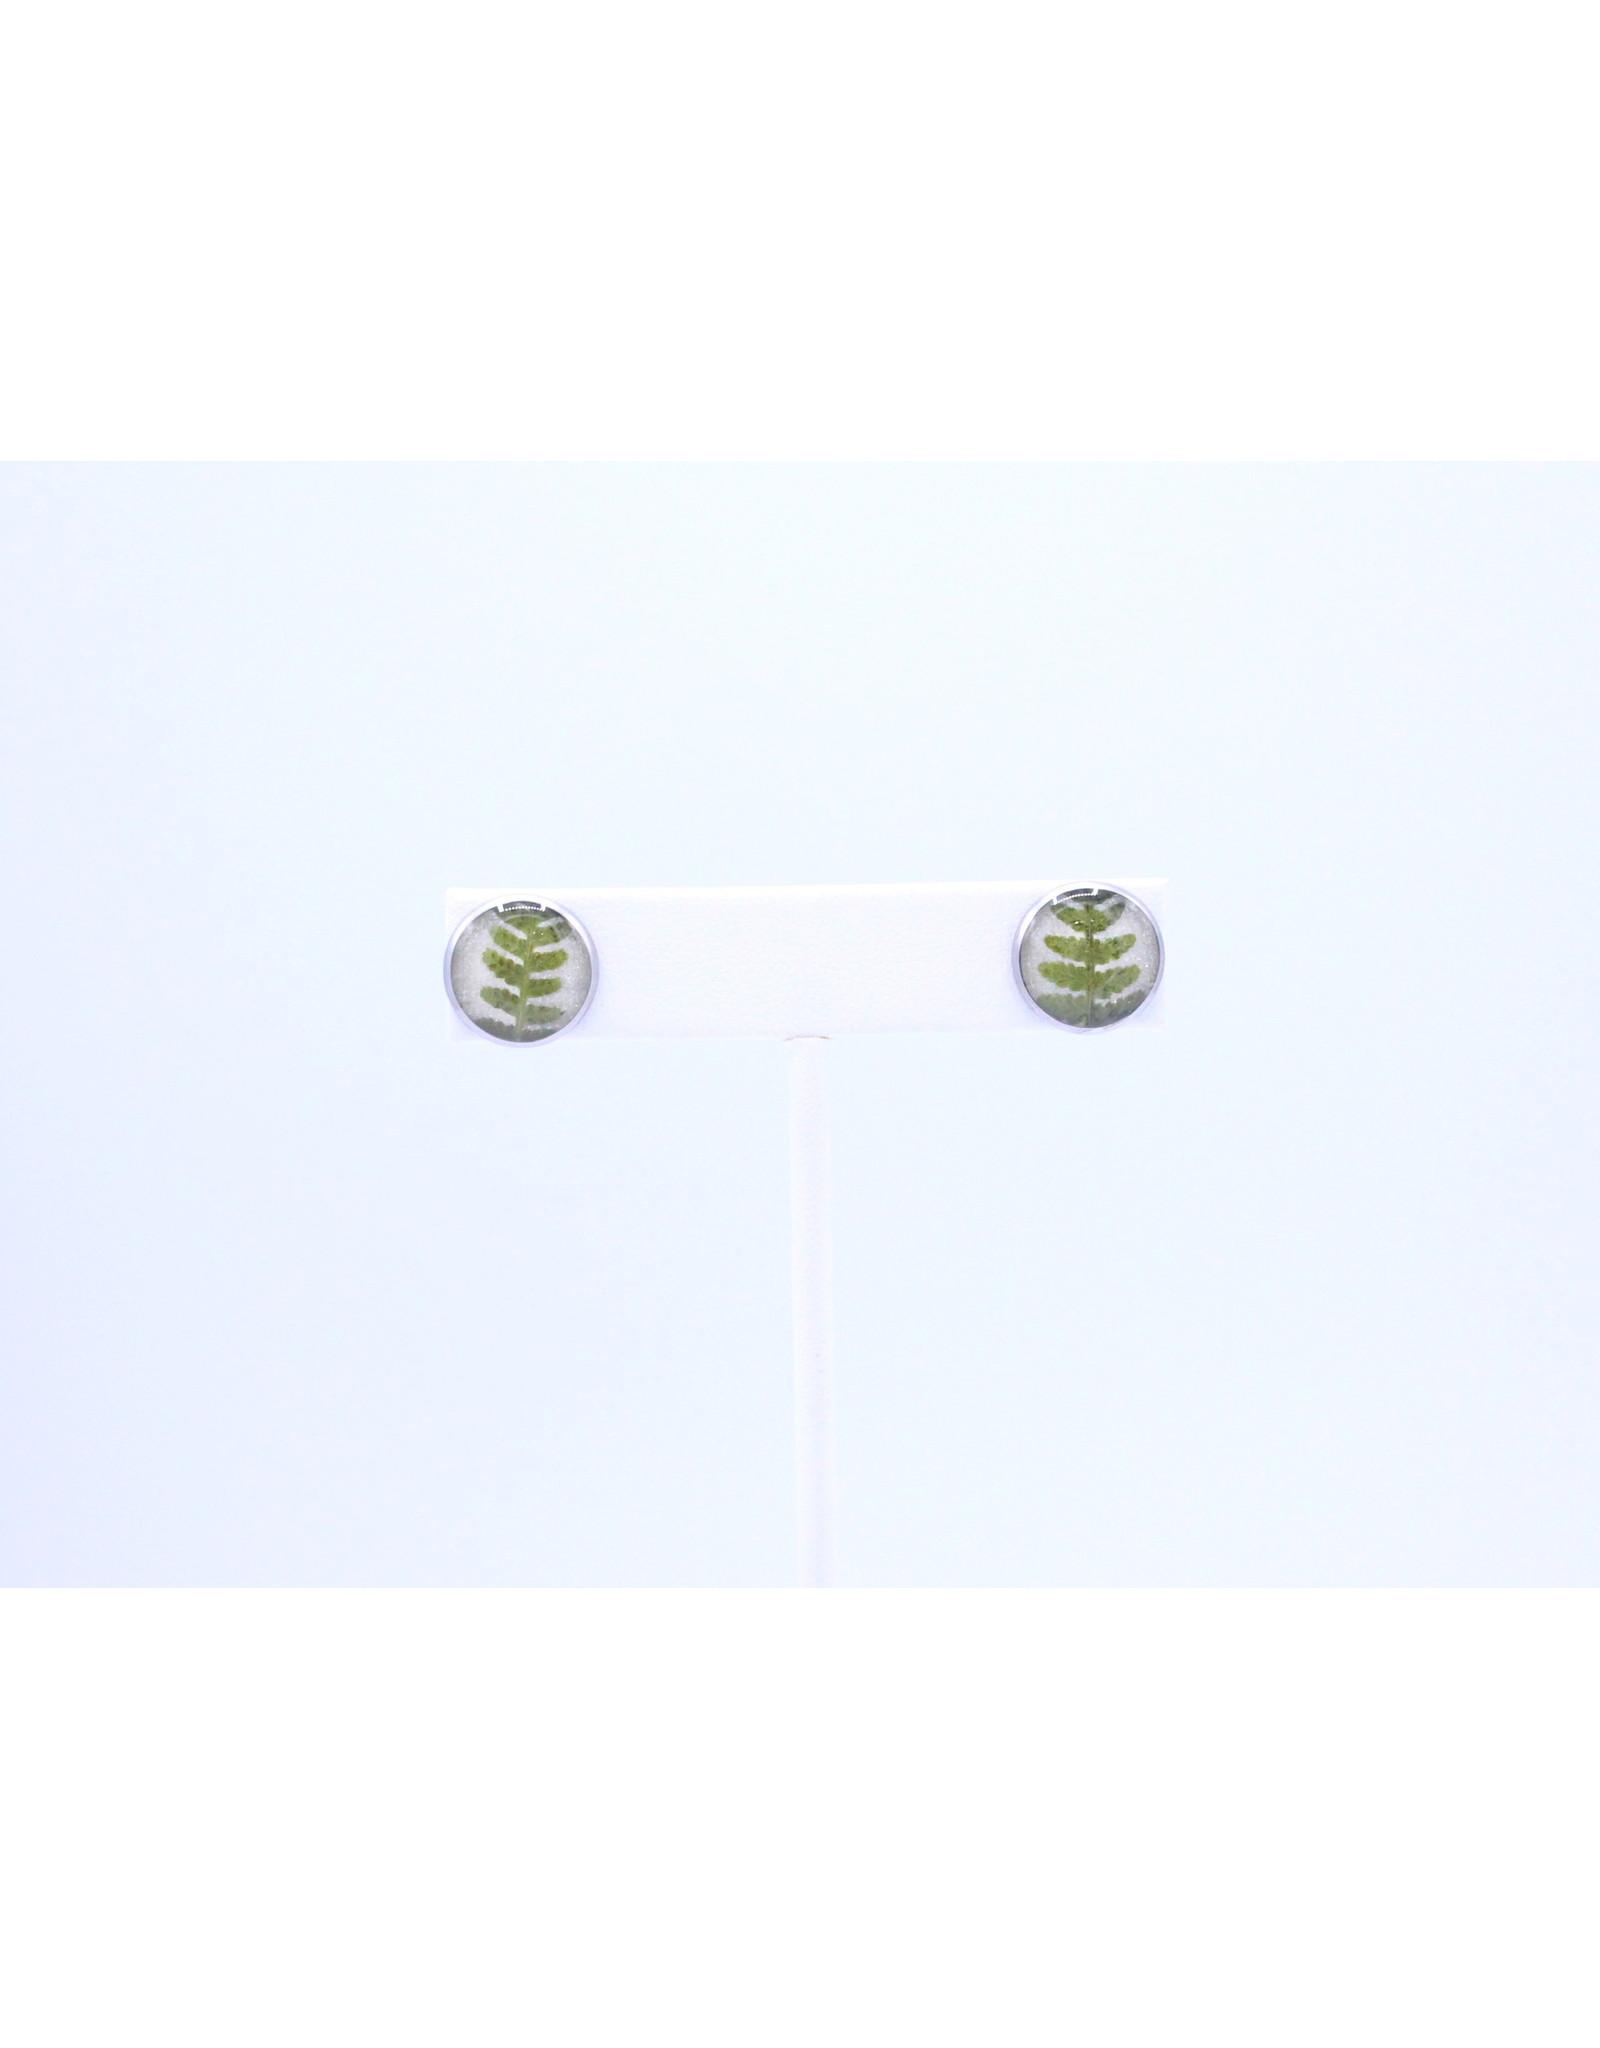 12mm Stud Fern Earrings  - J12SFE1